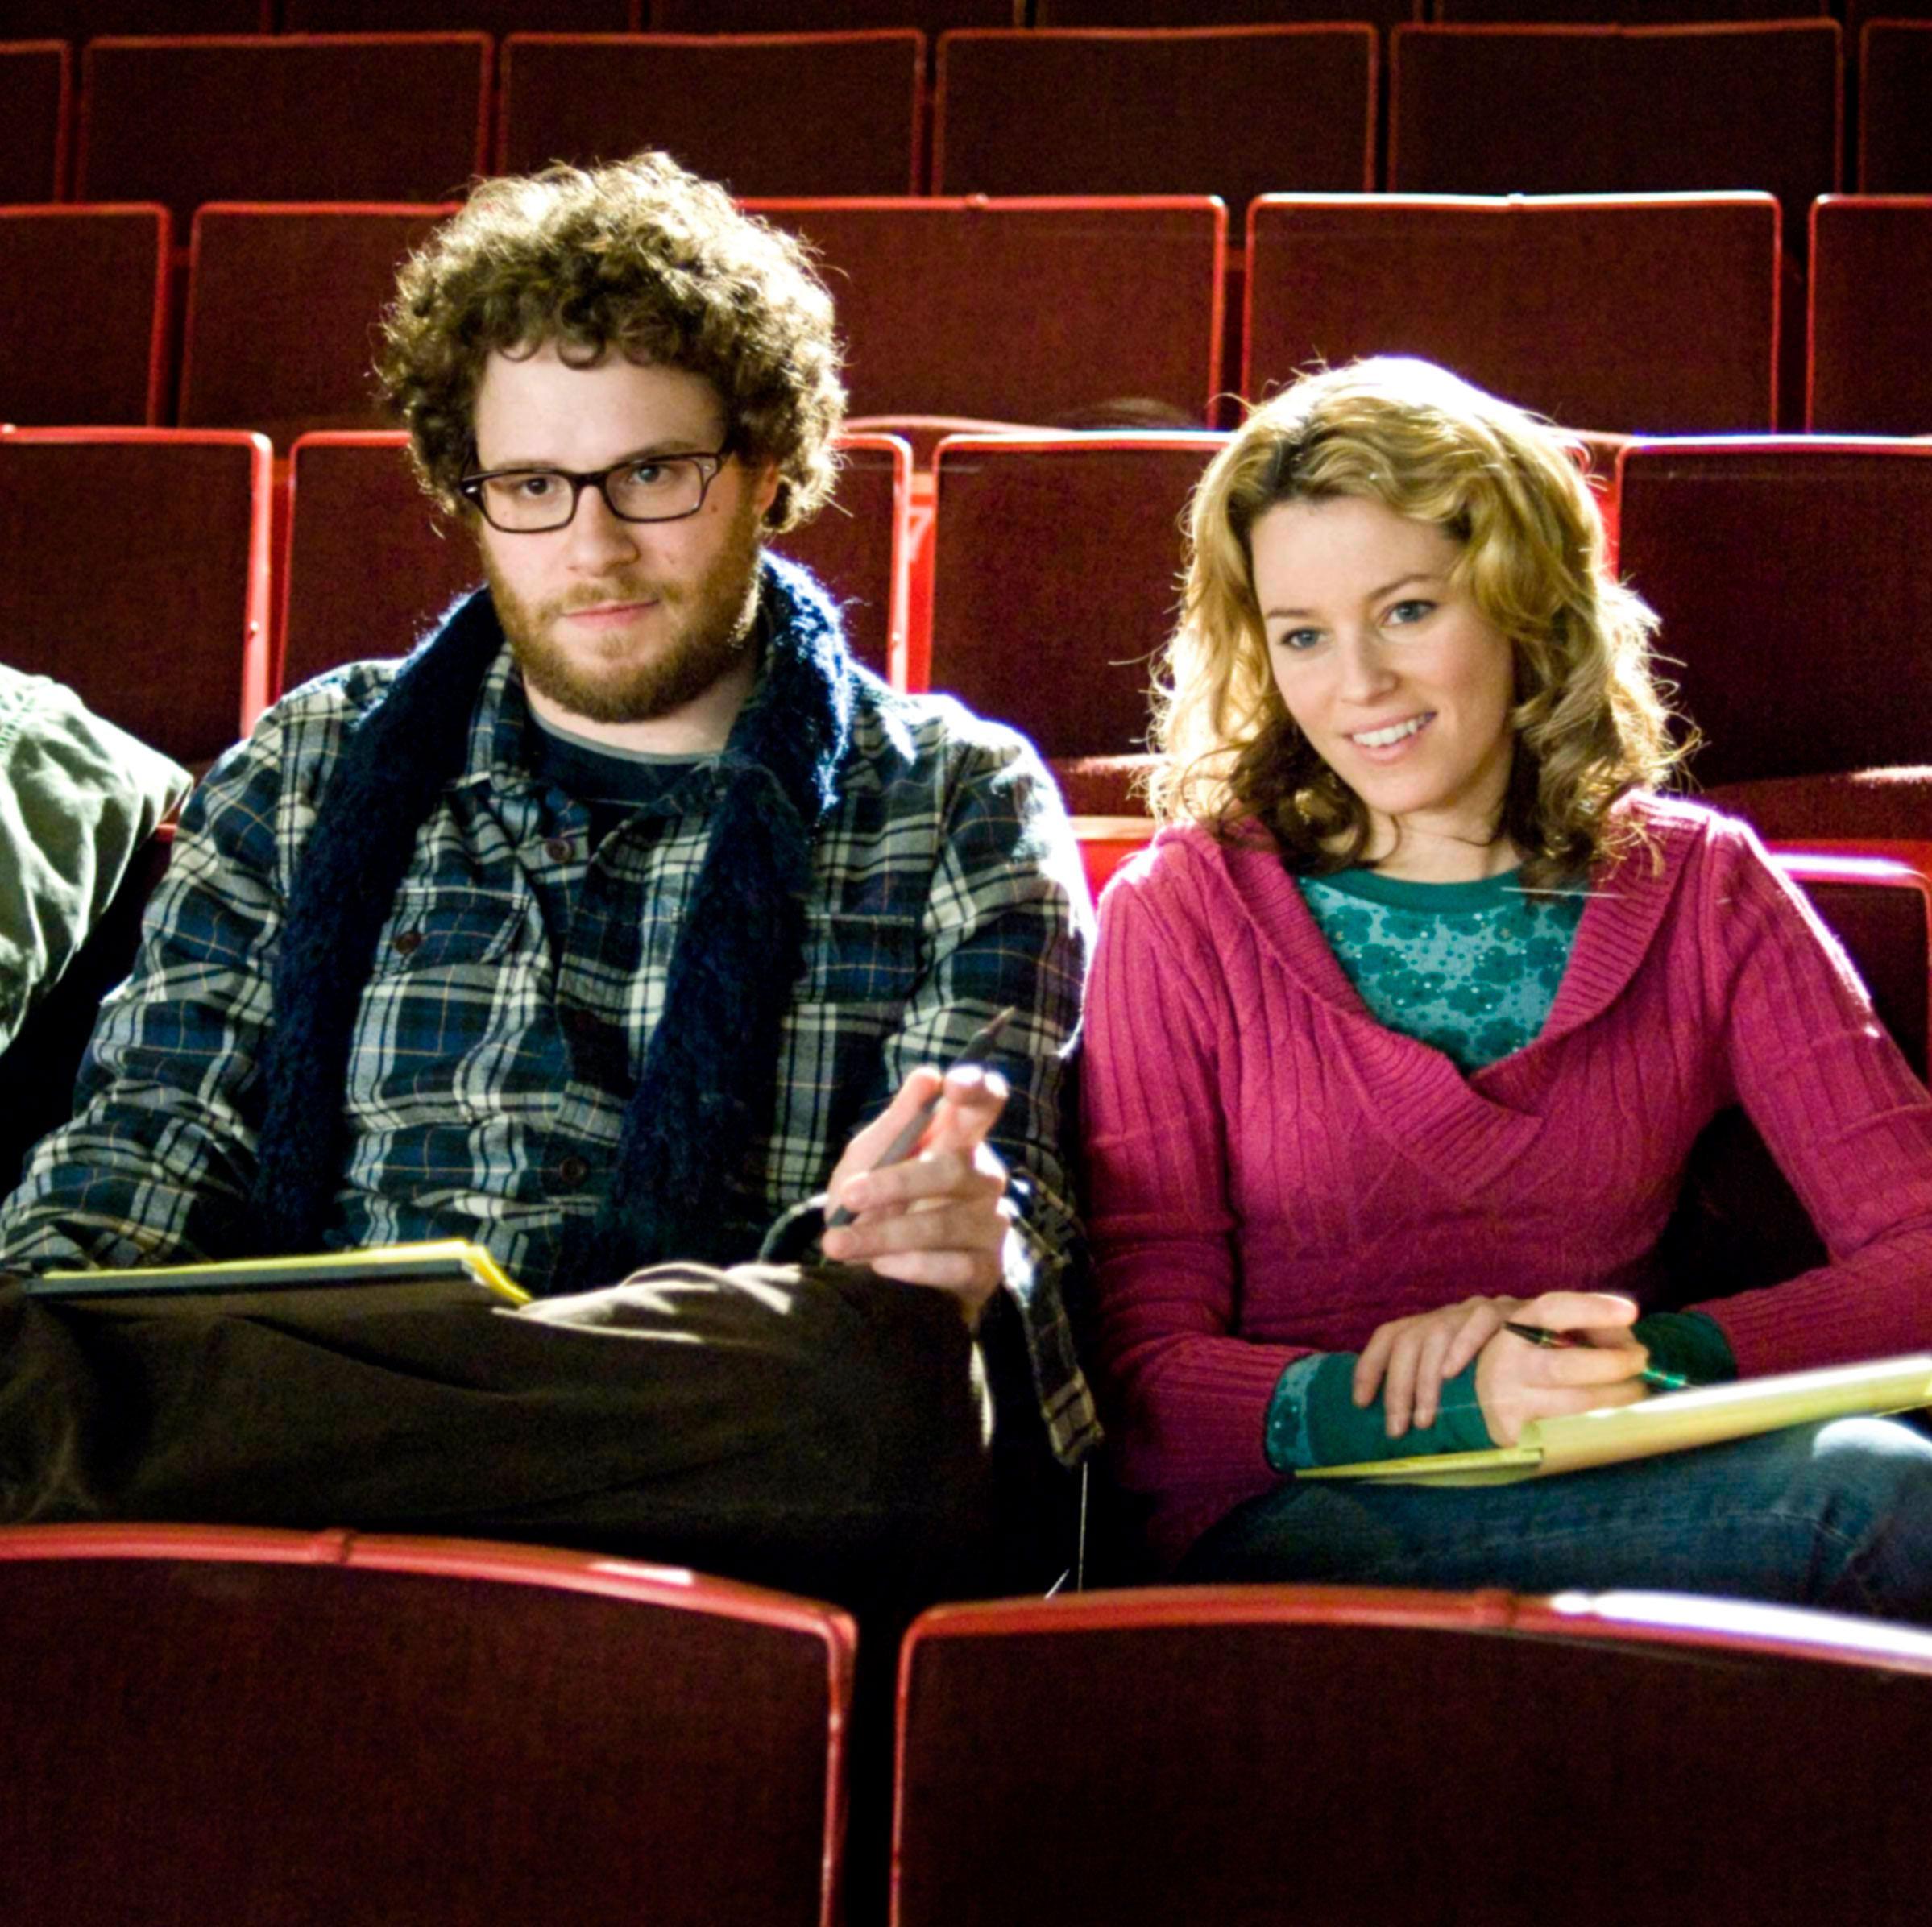 Oameni, Spectacol, Eveniment, incalzitor, Distractie, Adaptare, Scena, Actorie, Arte spectacol, Teatru,